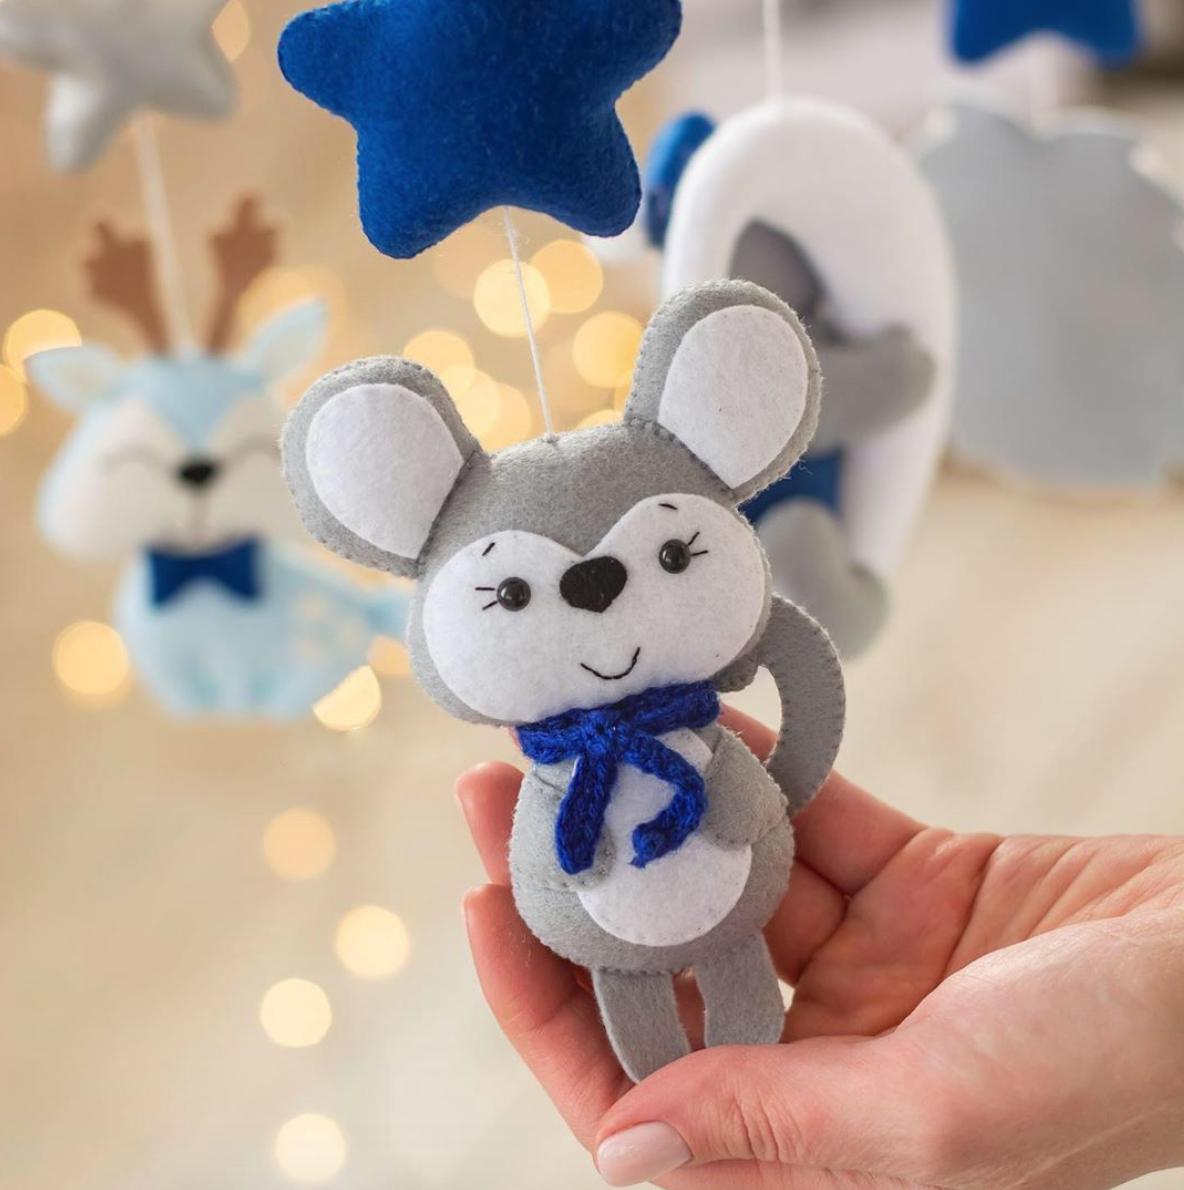 5 món đồ chơi ý nghĩa dùng làm quà đầy tháng cho bé